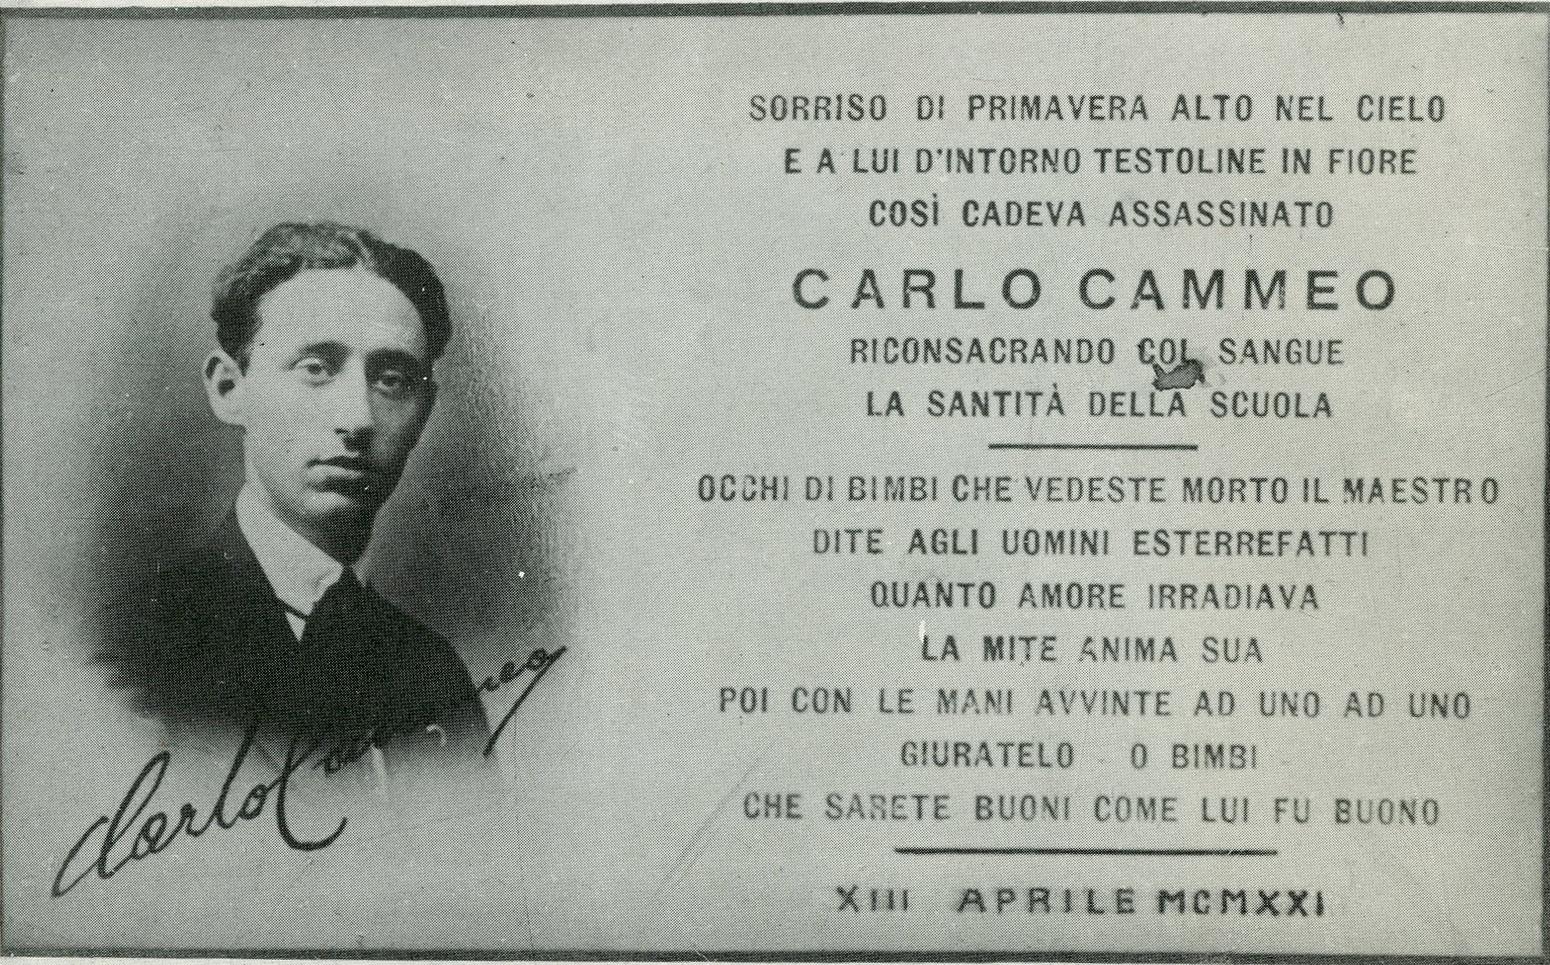 09_1921_Carlo_Cammeo_cartolina_commemorativa